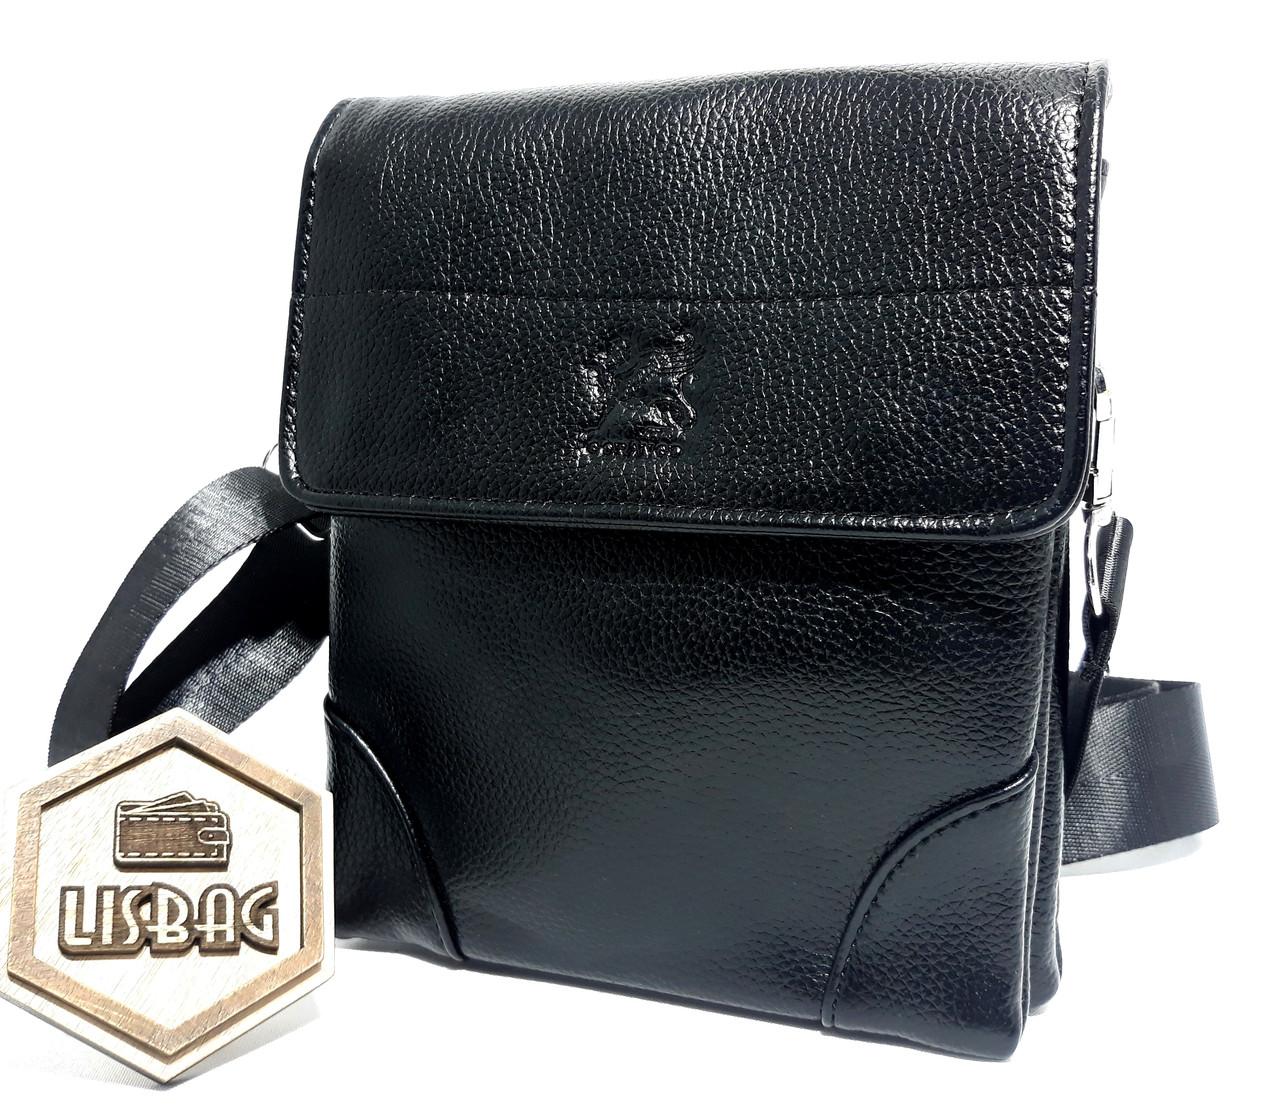 1676007e9dff Мужская Мини сумка планшетка Gorangd Черного цвета для ежедневного  использования , стильная и практичная